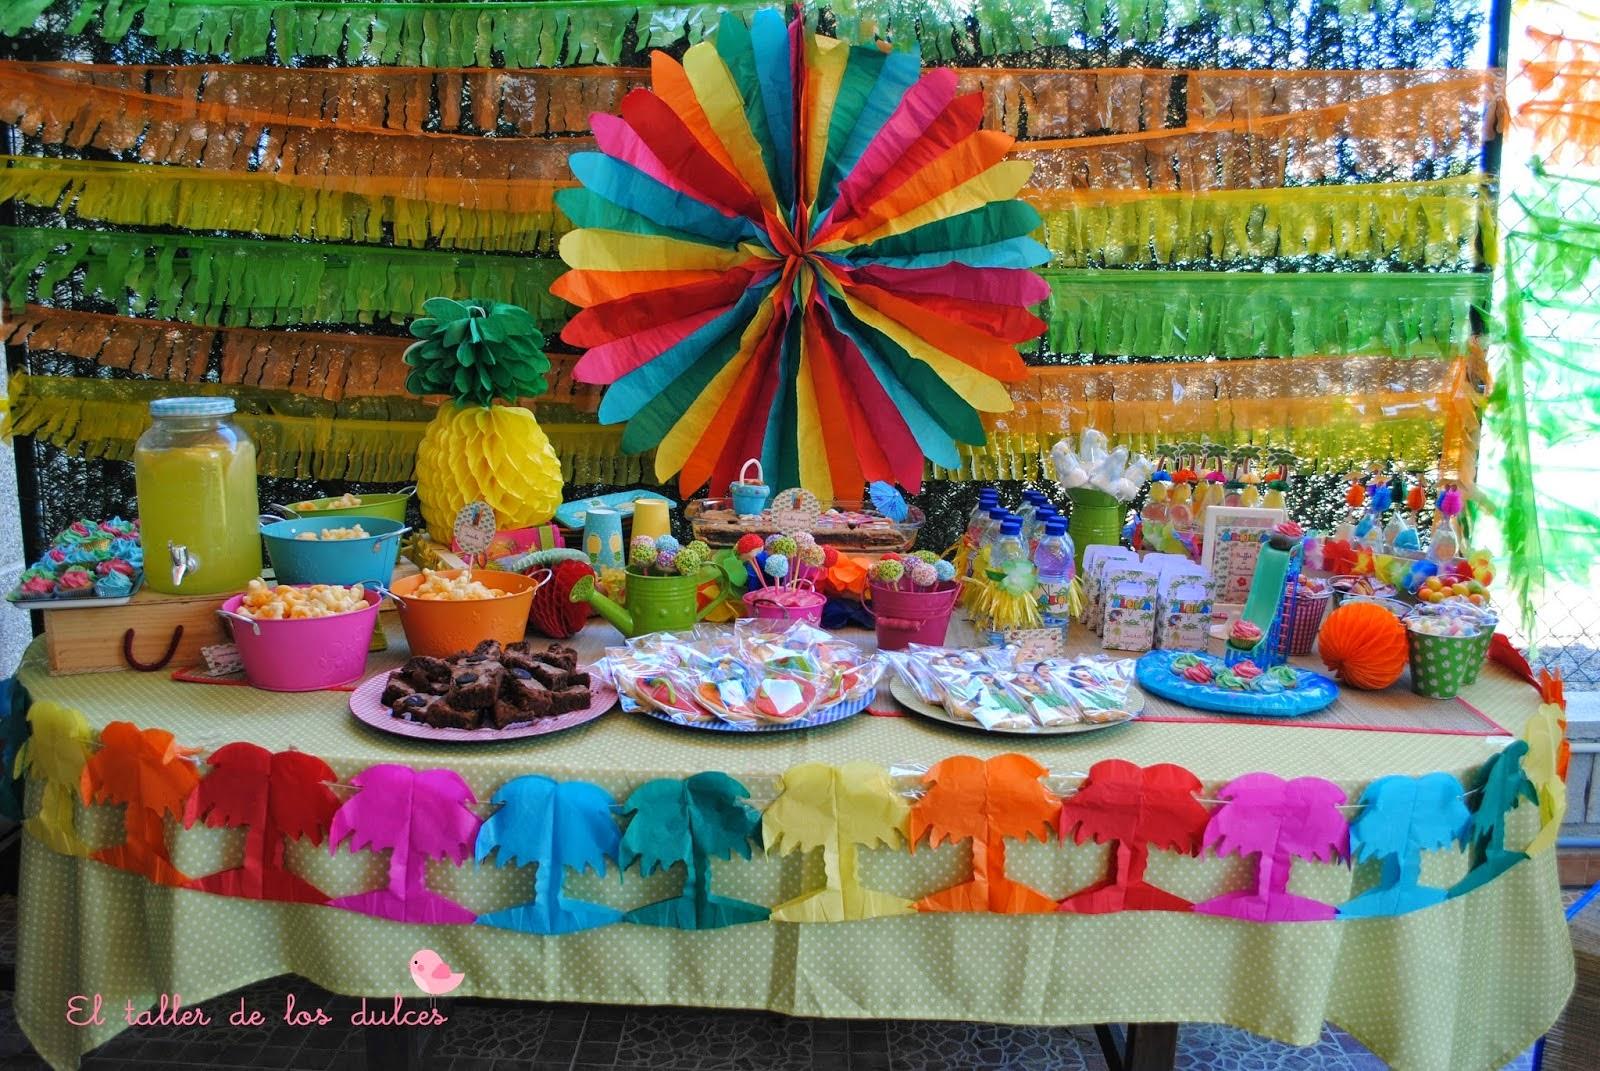 Decoracion hawaiana facil - Decoracion facil y barata ...